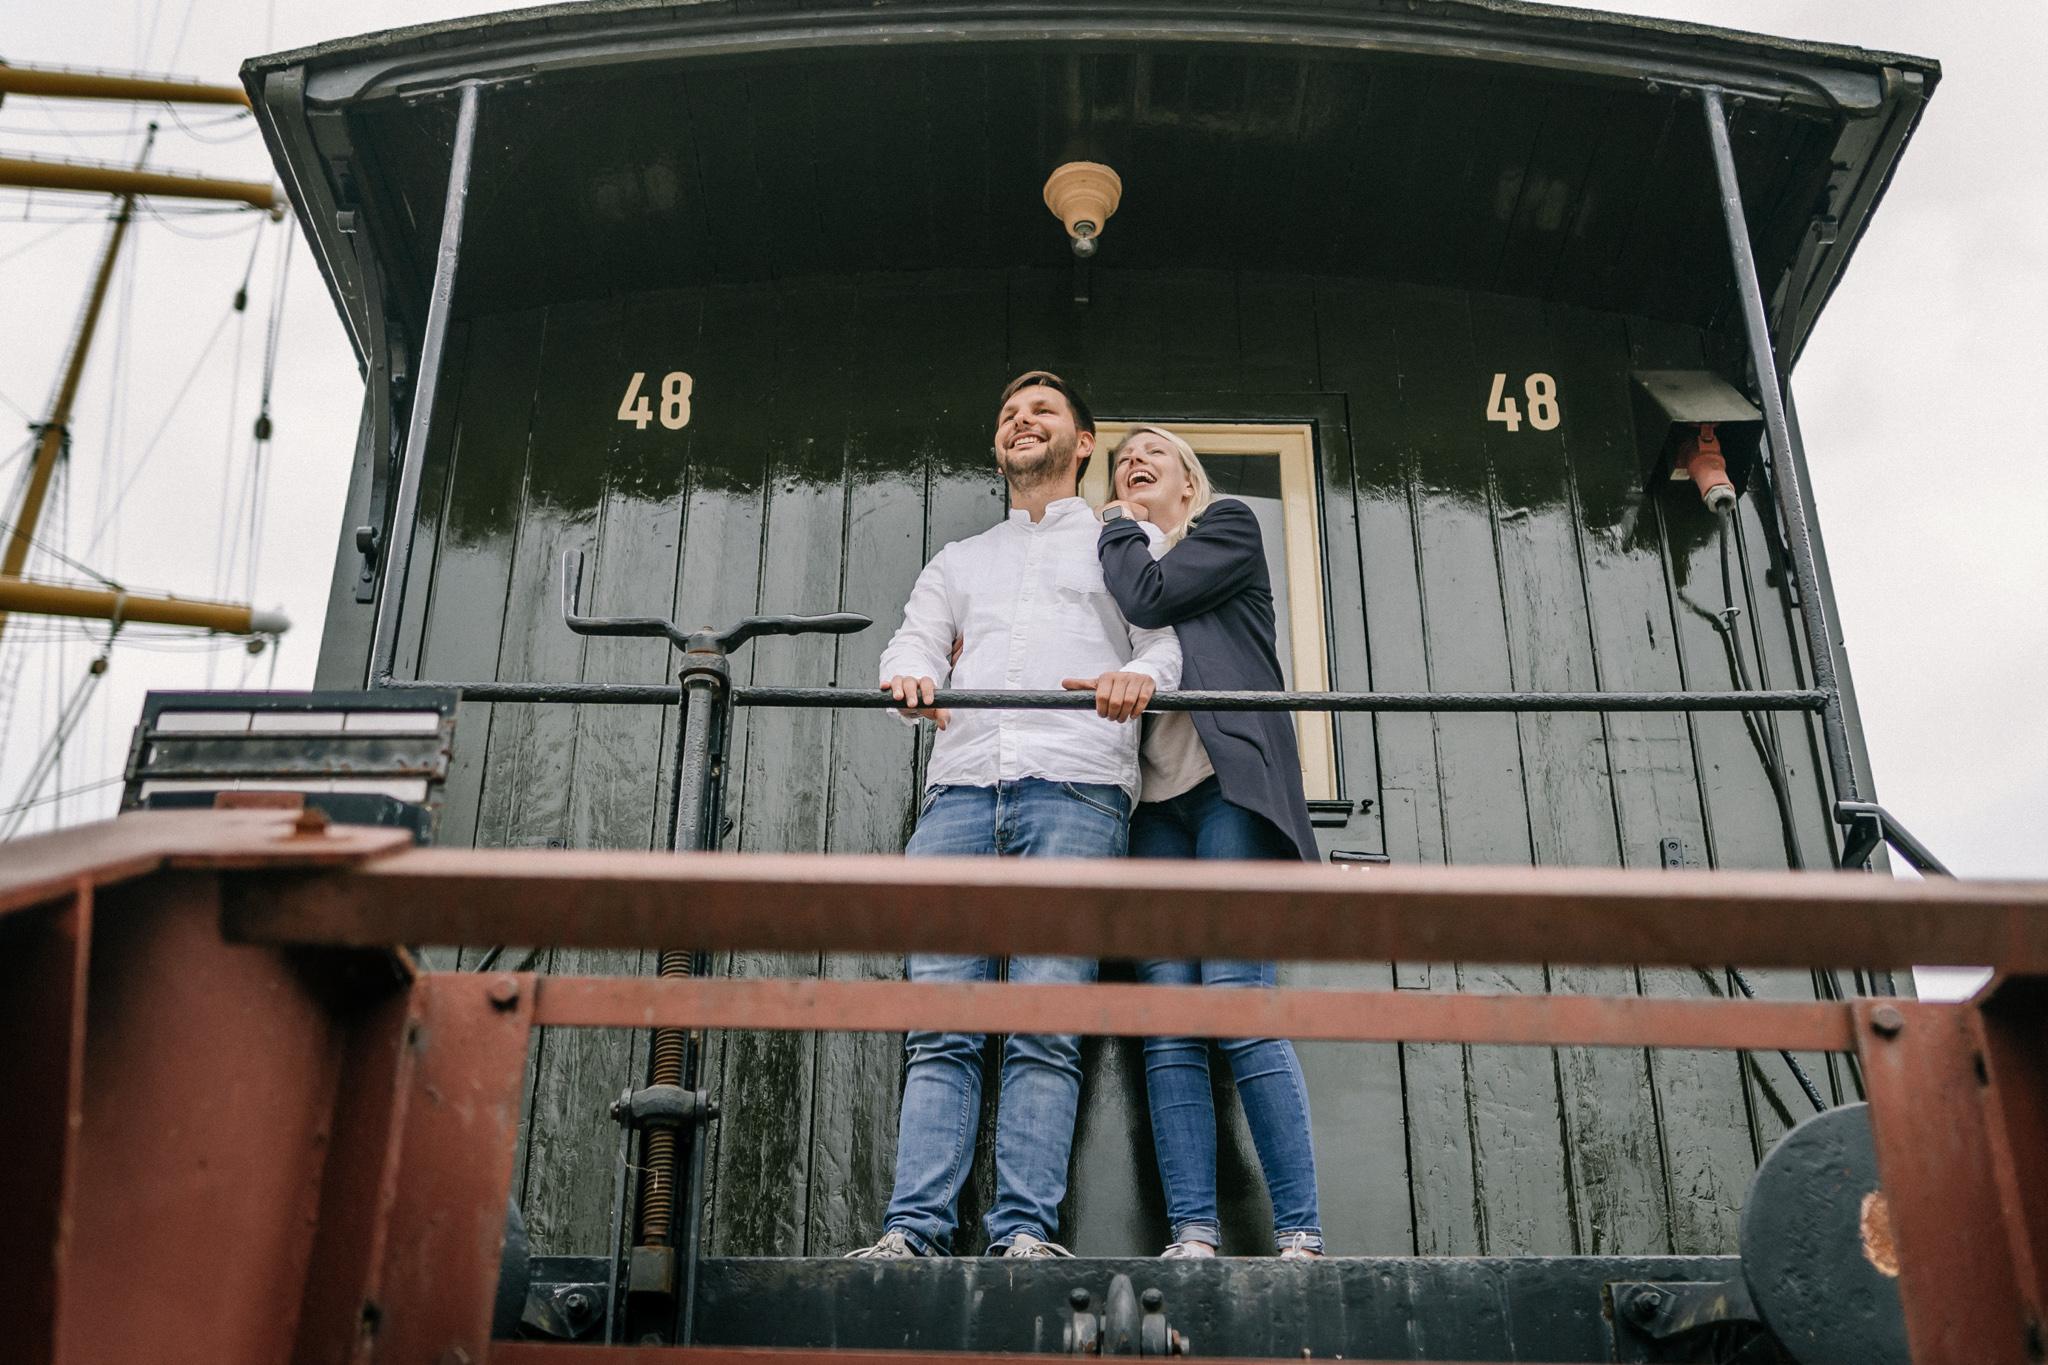 Hochzeitsfotograf, Sven Schomburg Hochzeitsfotografie, Coupleshooting, Brautpaar, Hochzeitspaar, Hamburg, Peking, Hafenmuseum Hamburg, Hochzeitstag, wahre Momente-19